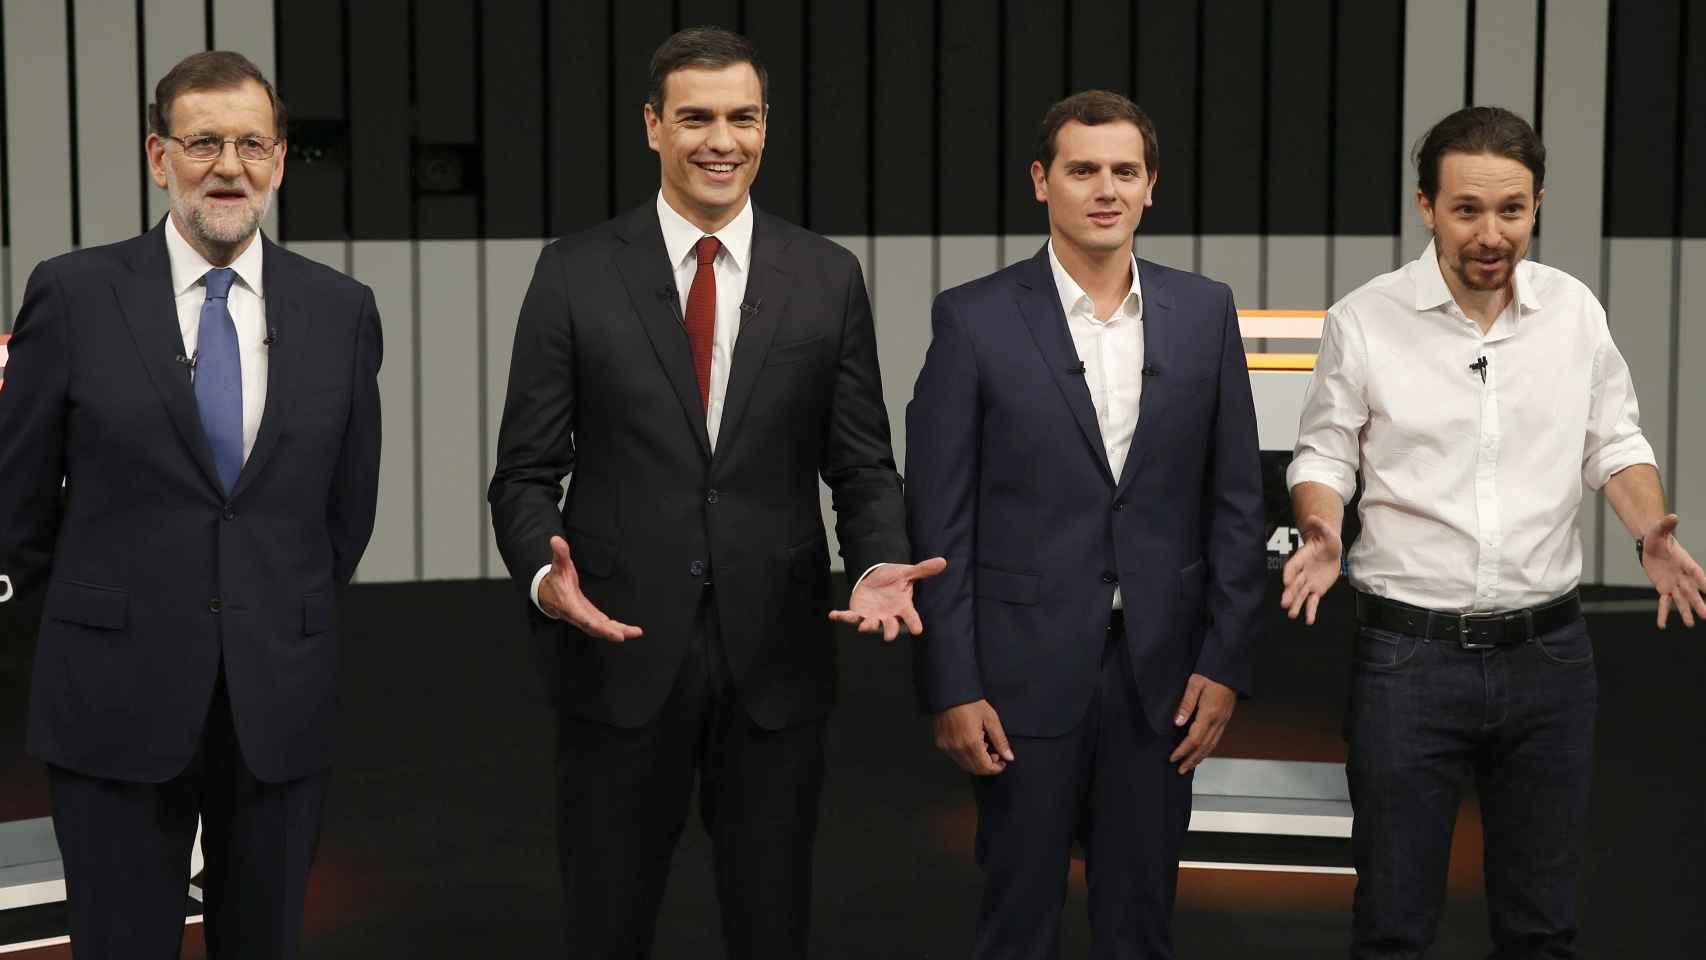 Rajoy, Sánchez, Rivera e Iglesias, momentos previos al debate.